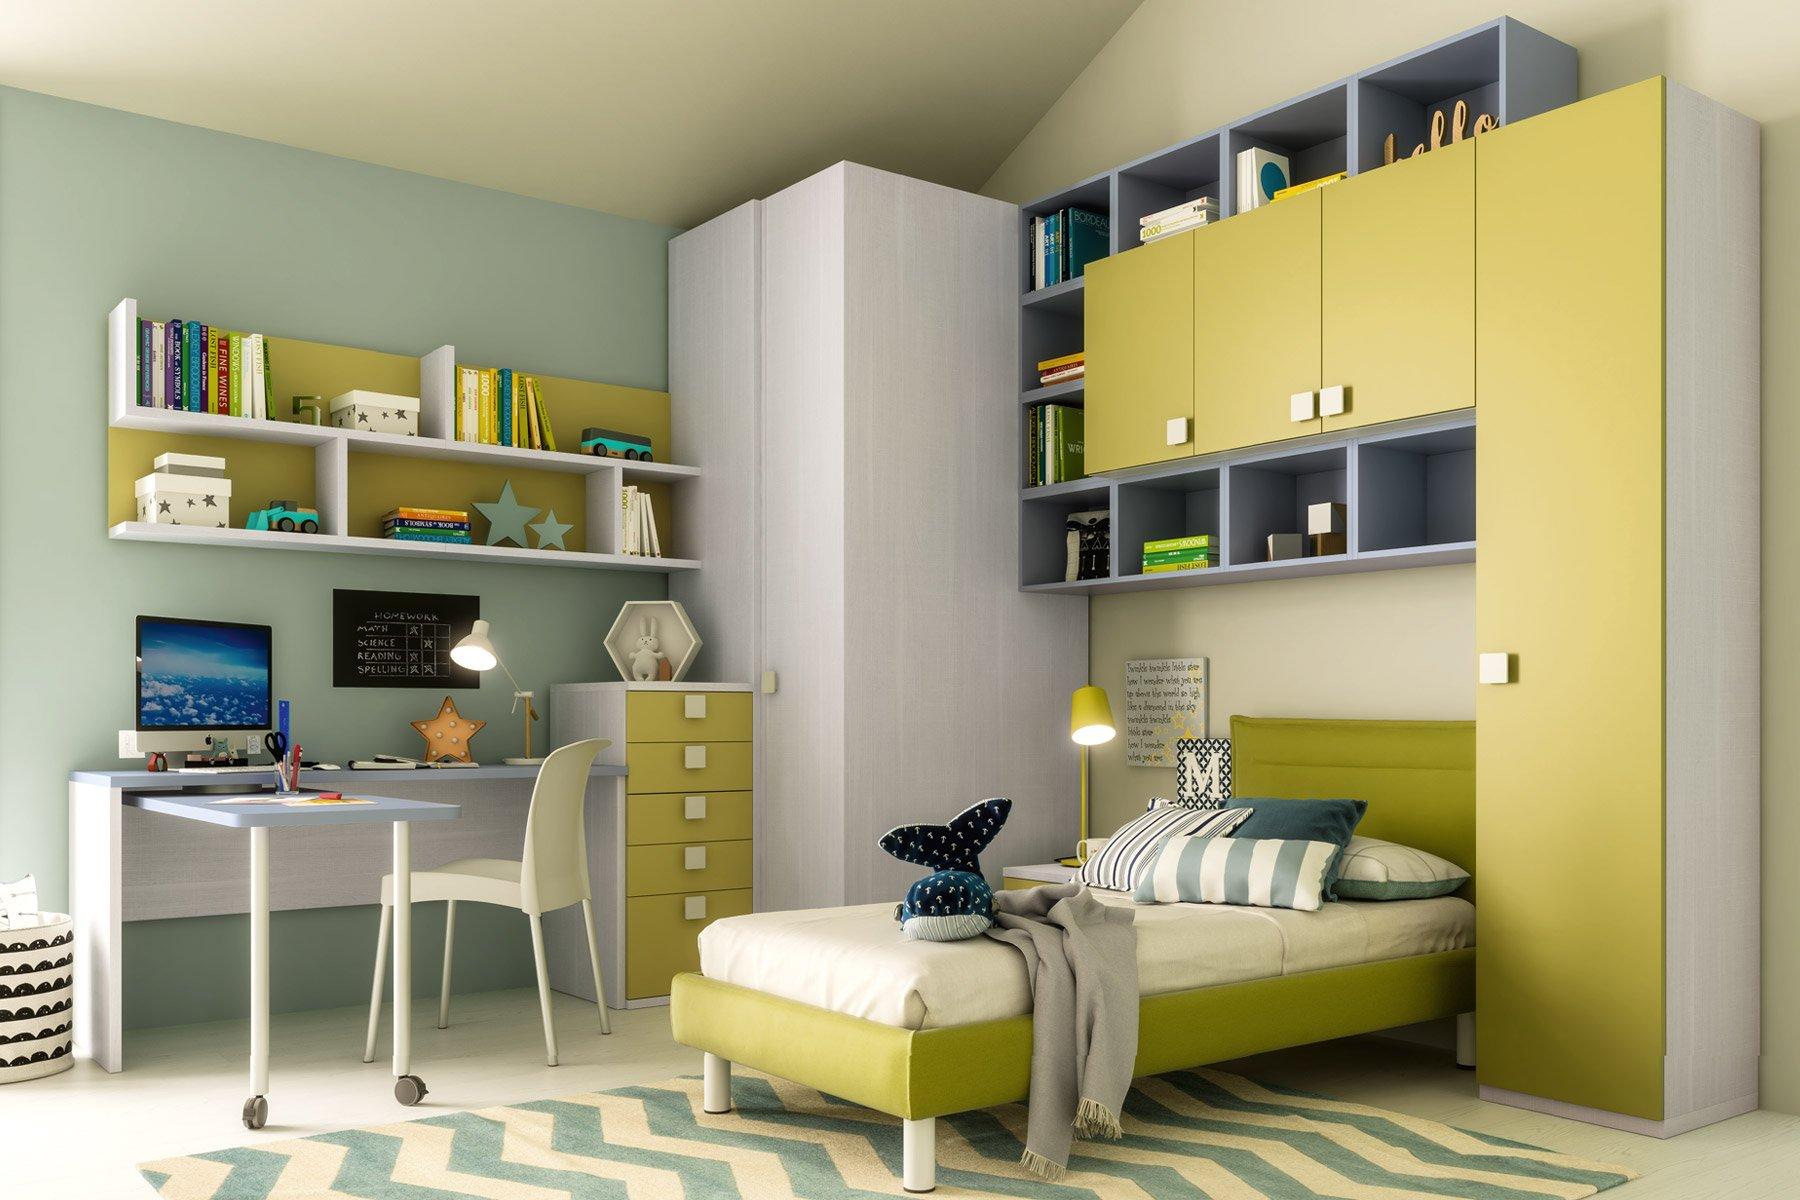 Pensili camera da letto ikea in vendita in arredamento e casalinghi: Nuove Dimensioni Dei Moduli S75